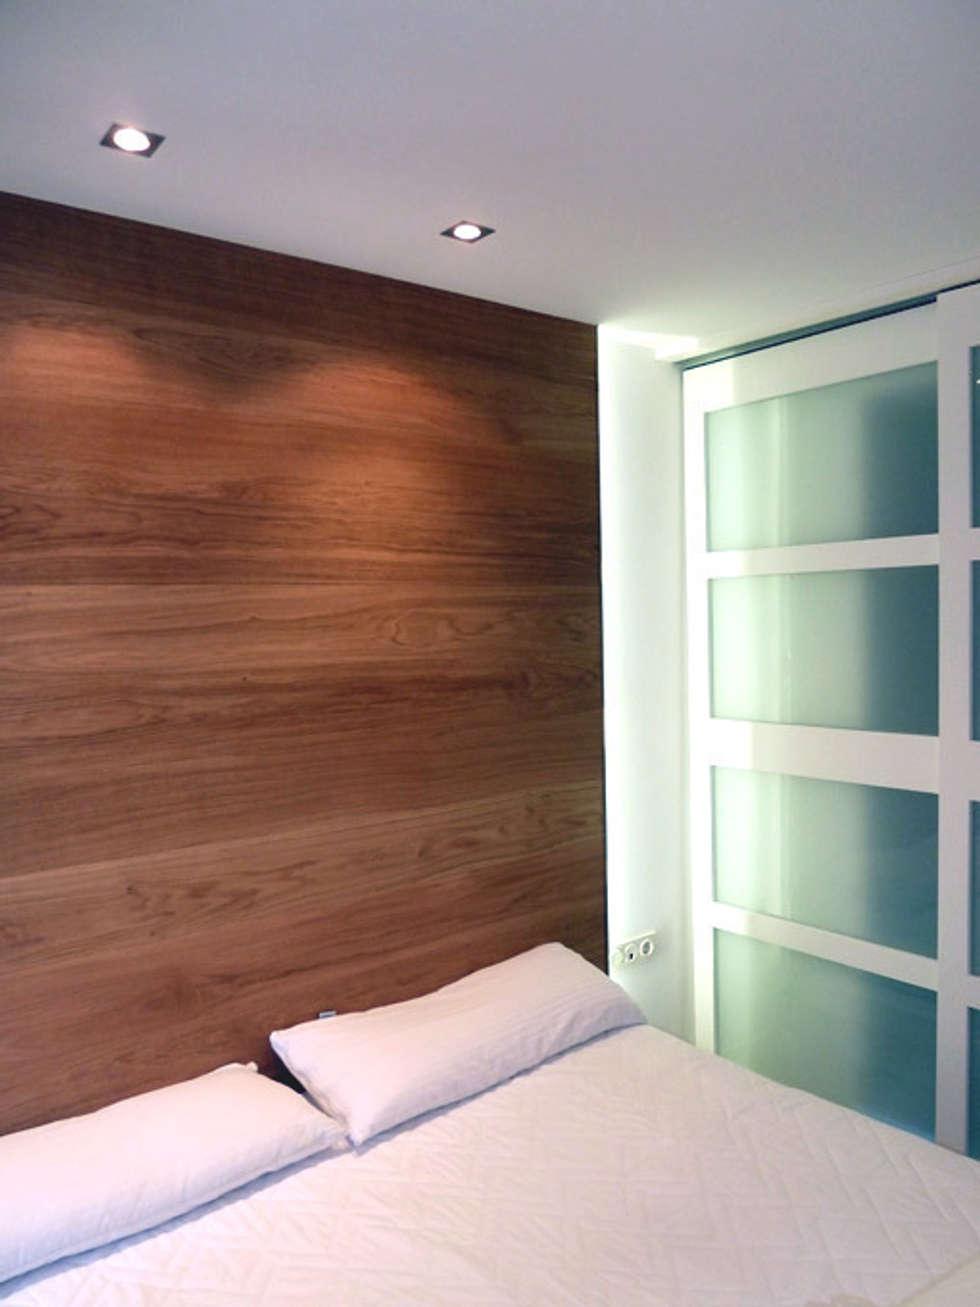 Cabezal cama de dormitorio principal dormitorios de for Foto del dormitorio principal moderno